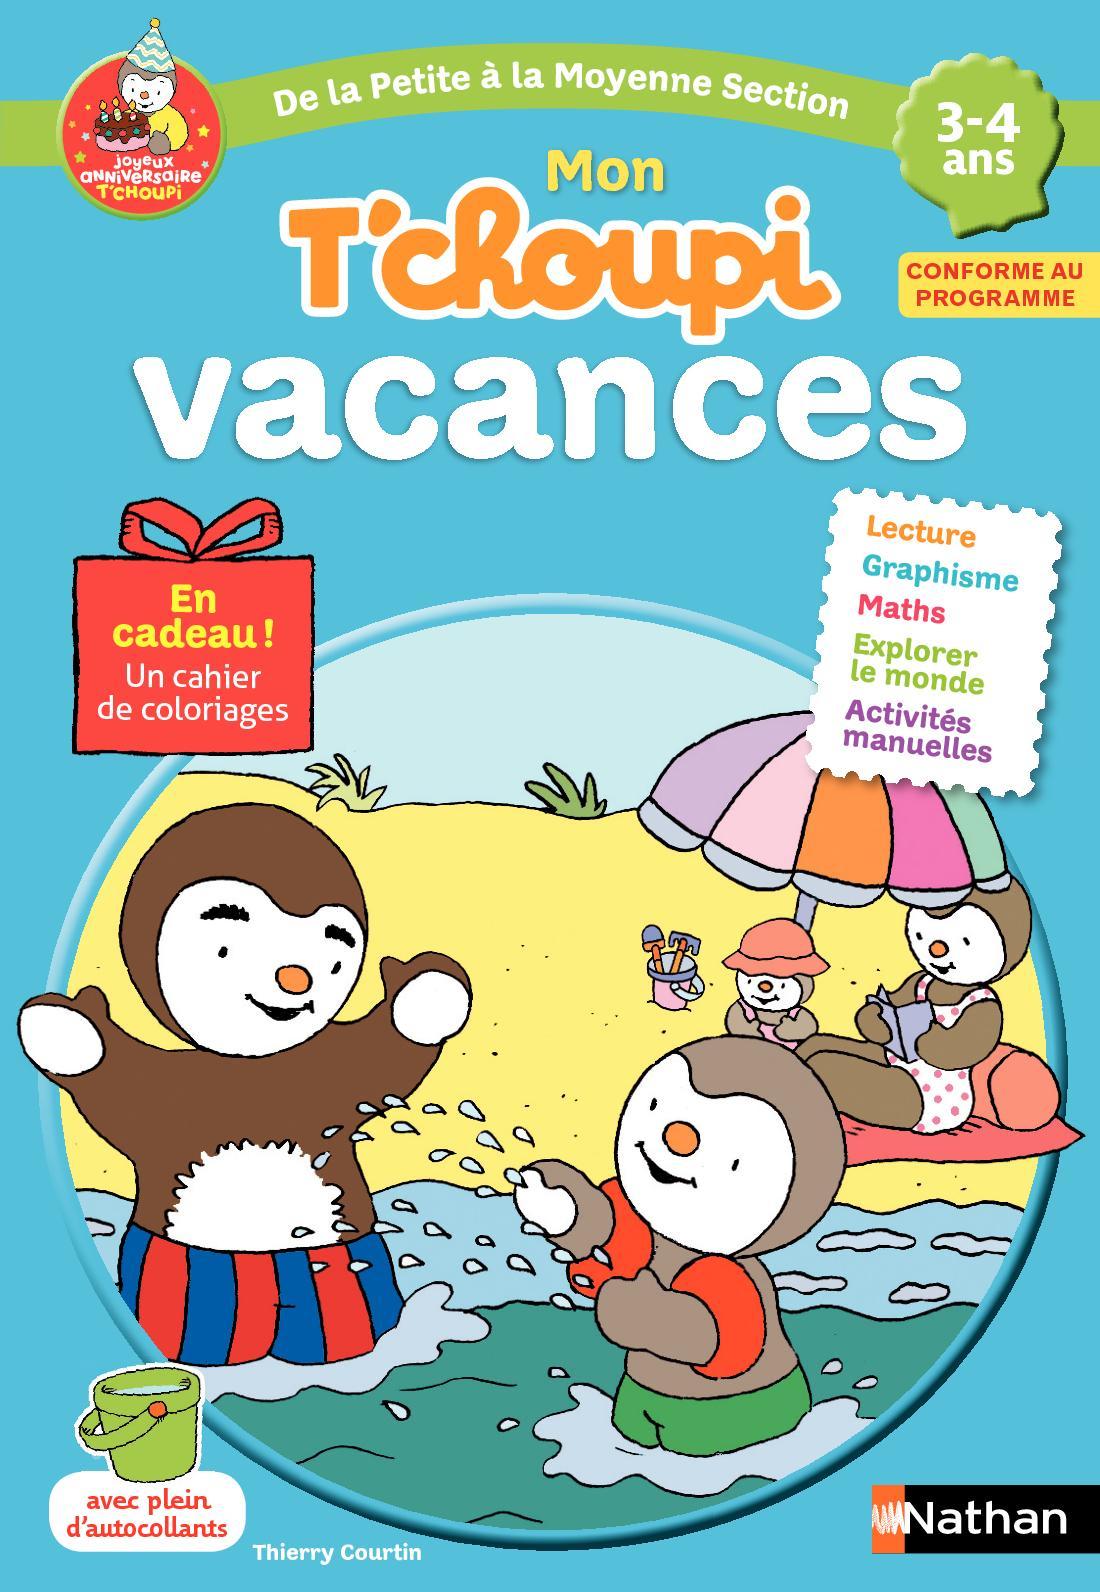 Calaméo - Cahier De Vacances T'choupi - Ps Vers Ms pour Tchoupi Au Marché